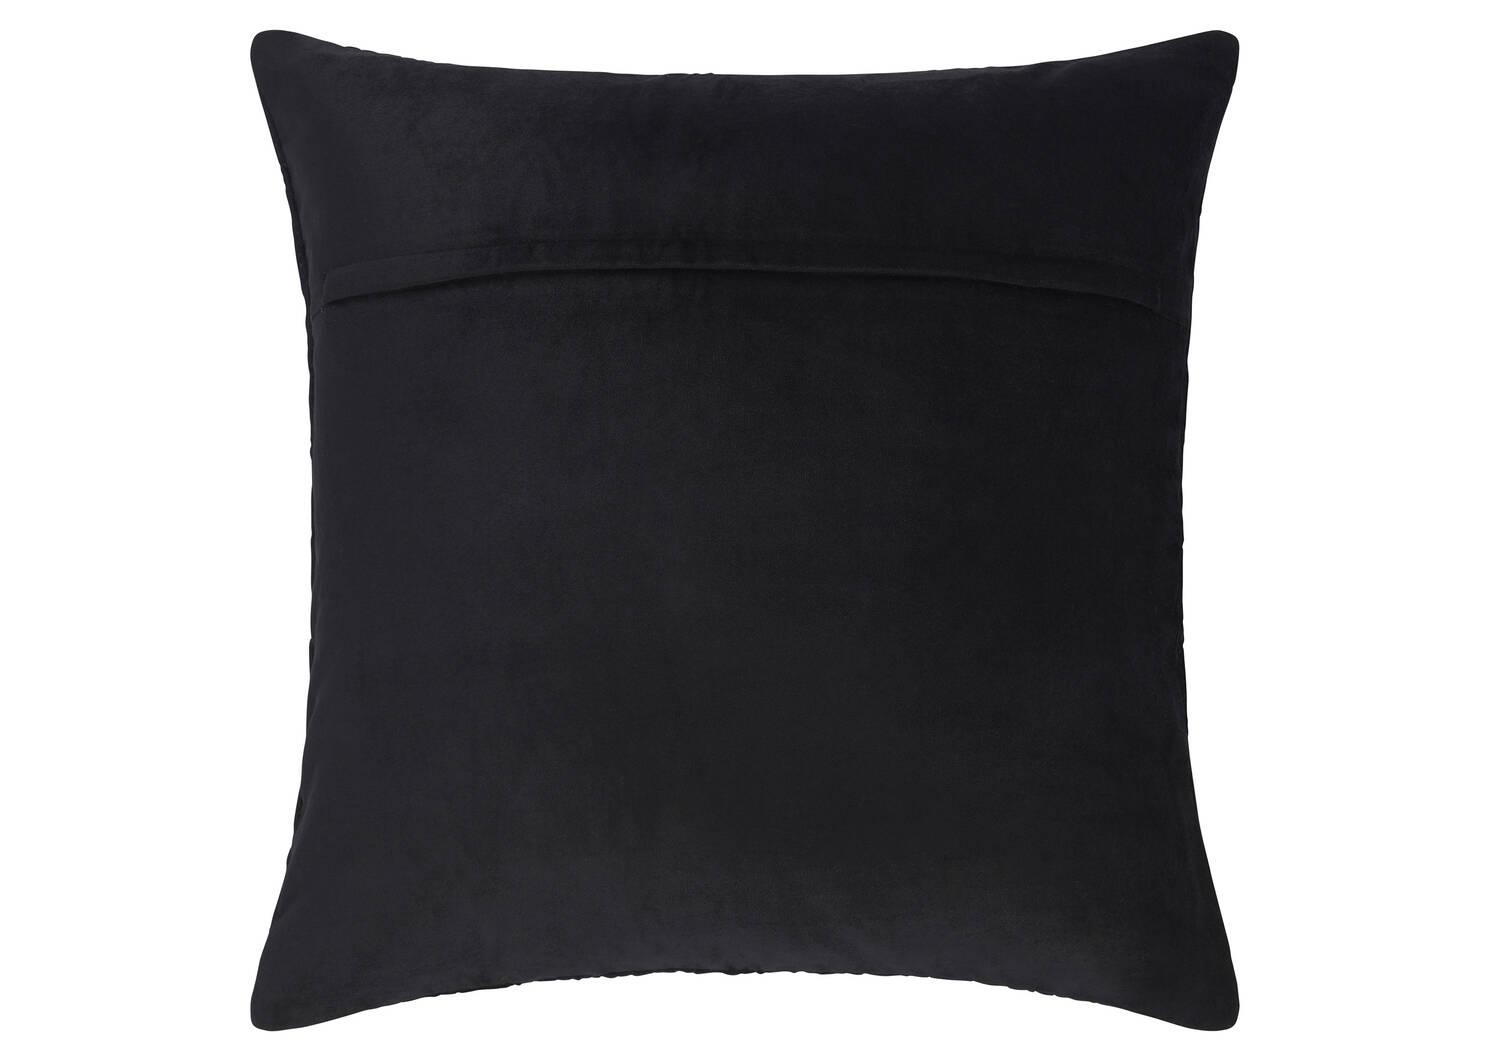 Galerie Velvet Toss 20x20 Black